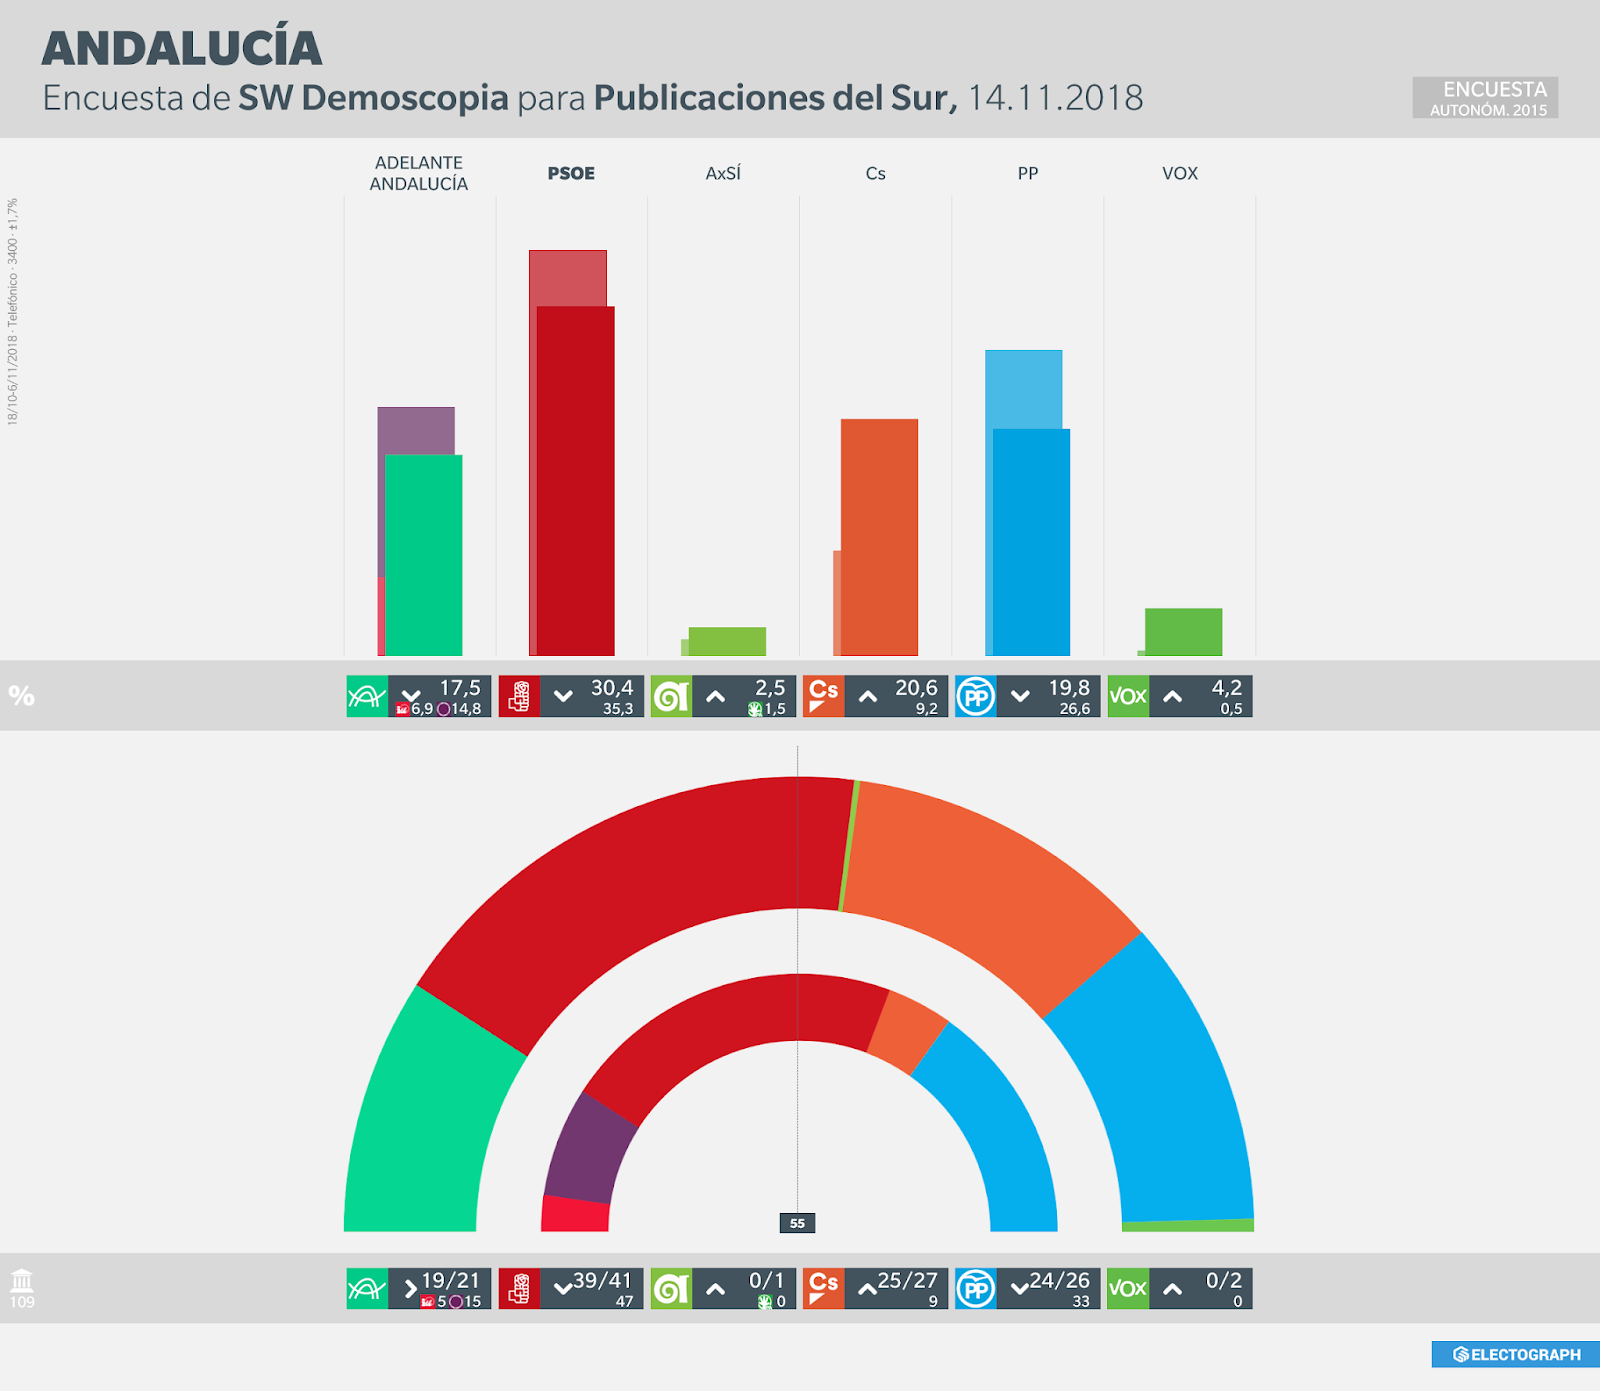 Gráfico de la encuesta para elecciones autonómicas en Andalucía realizada por SW Demoscopia para Publicaciones del Sur en noviembre de 2018